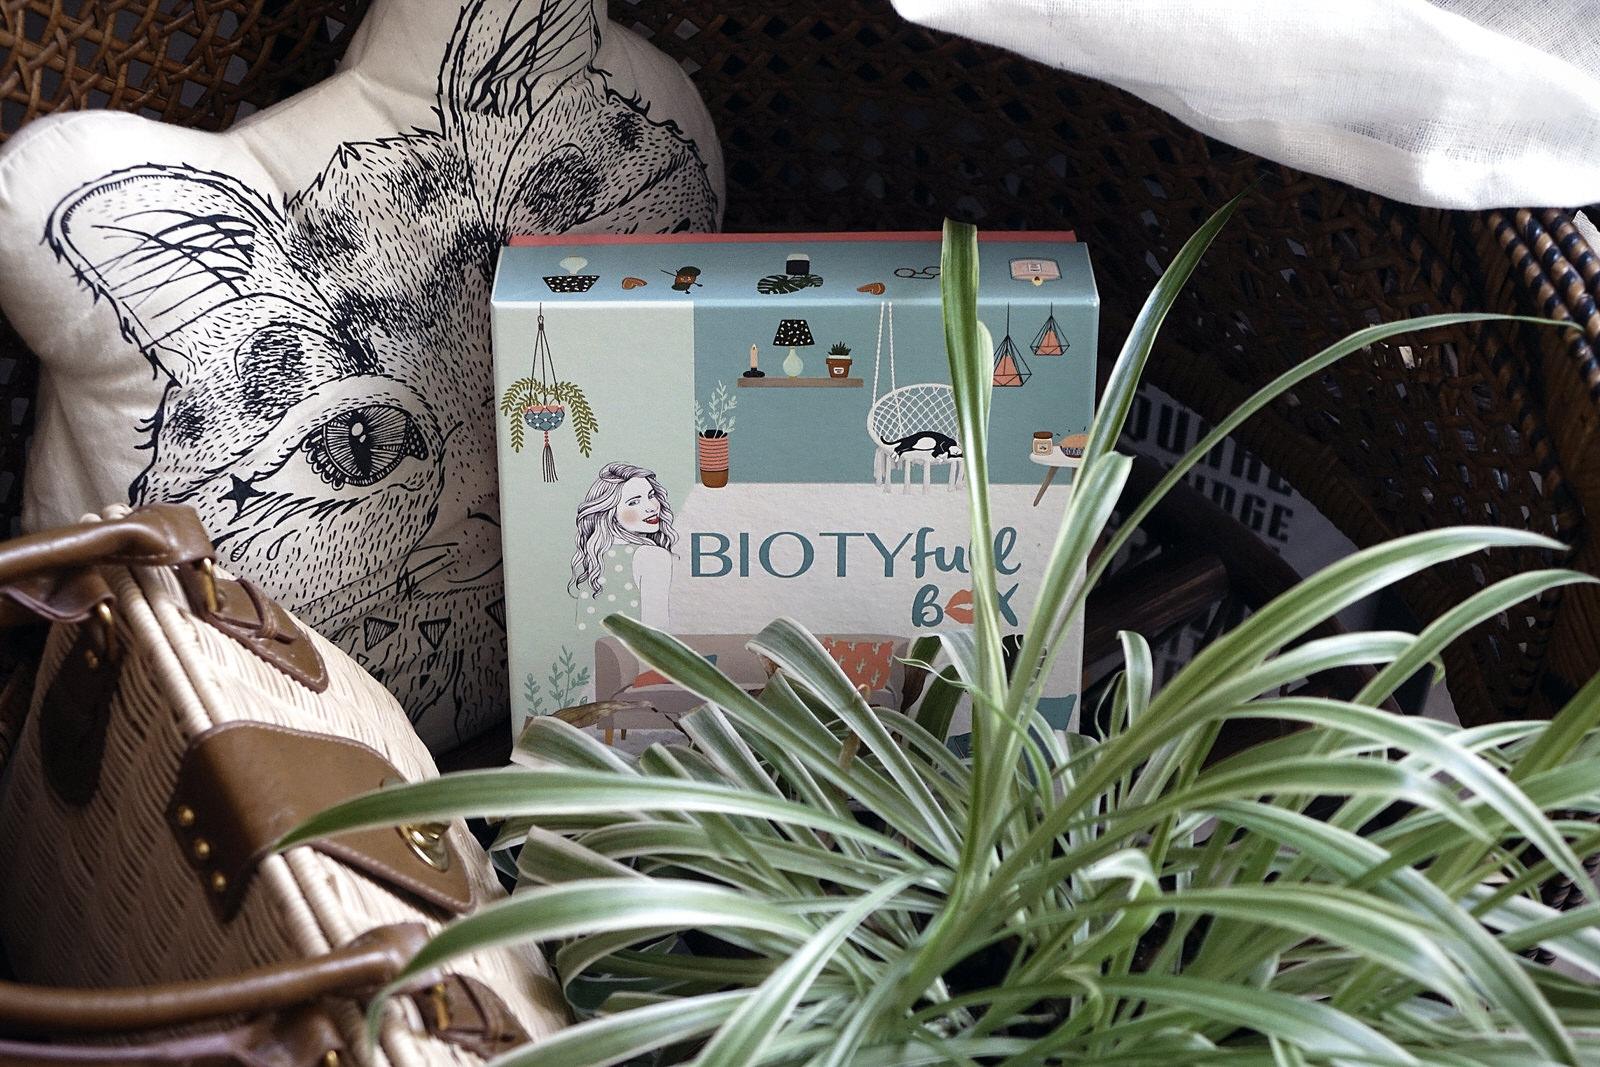 La Biotyfull Box du mois de mai 2019 - spéciale Hygge